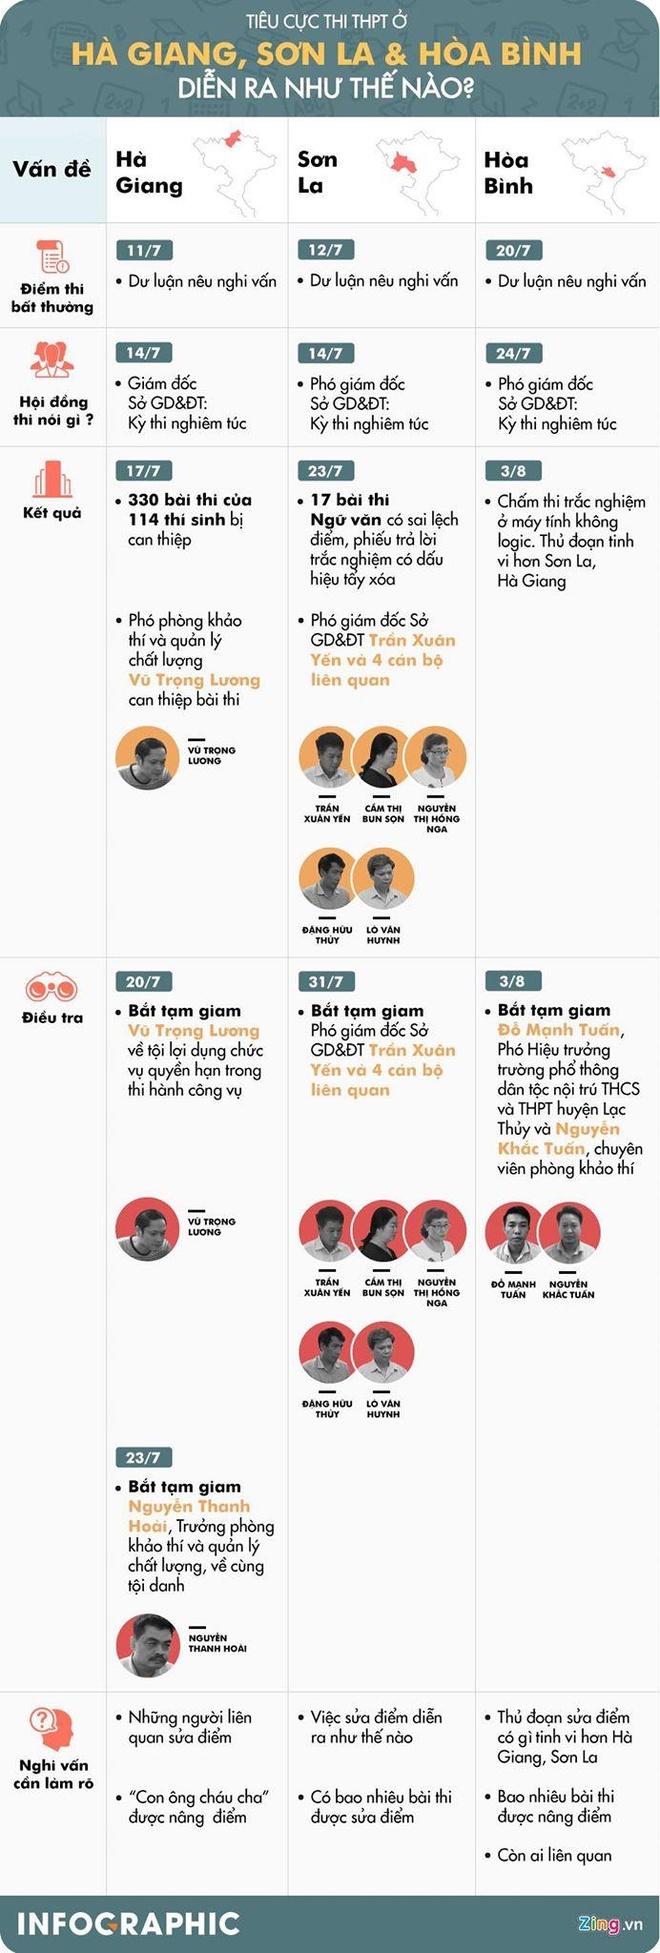 De nghi truy to 2 pho giam doc So lien quan gian lan thi cu o Ha Giang hinh anh 3